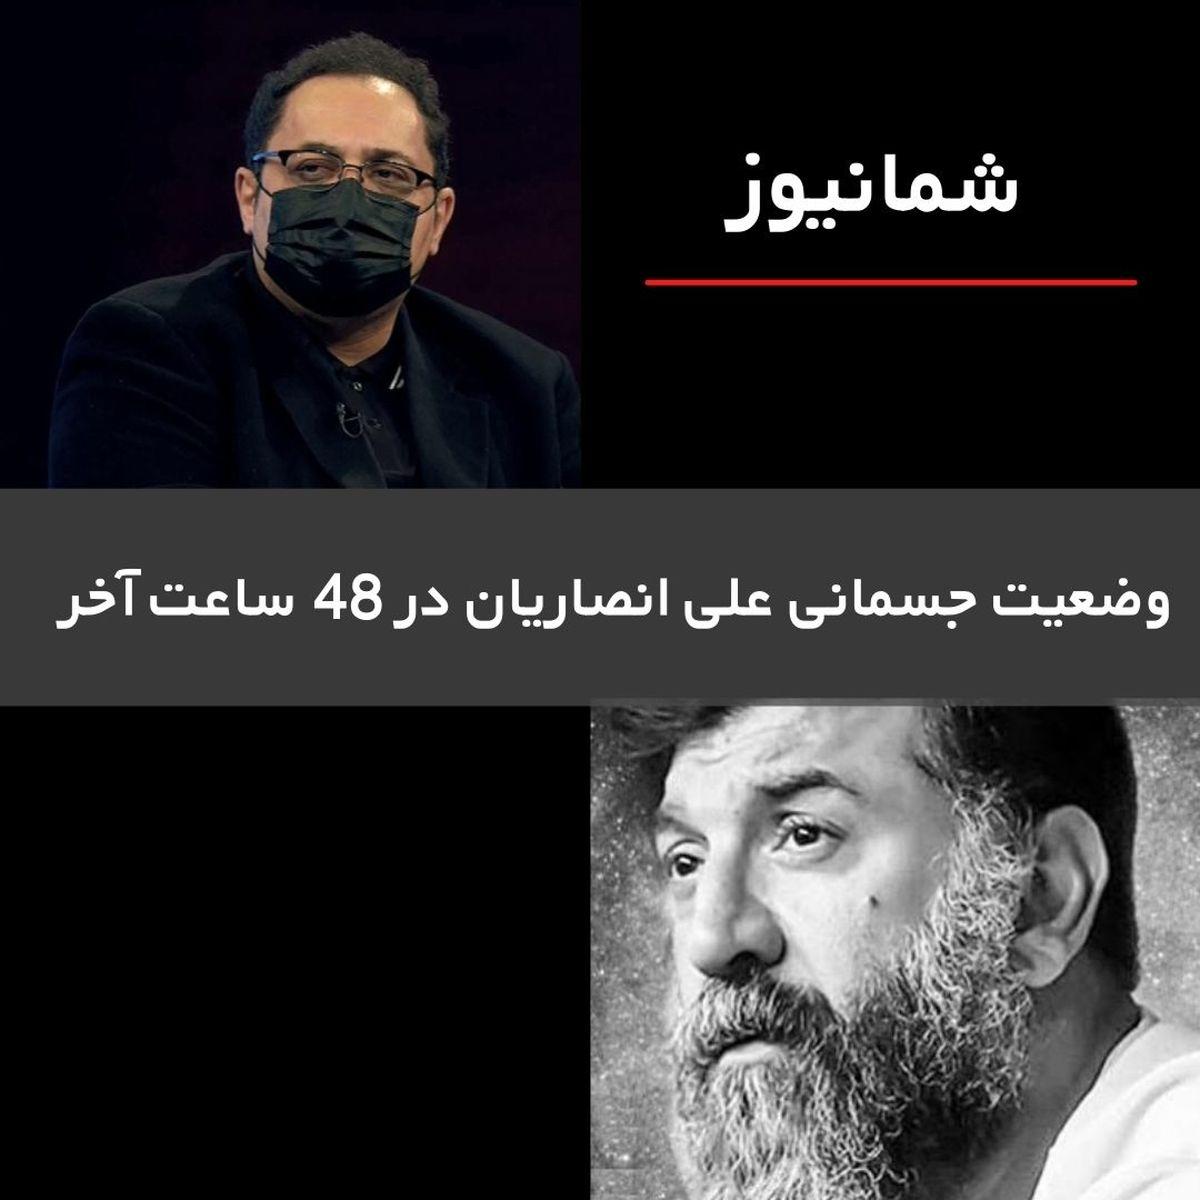 آخرین وضعیت جسمانی علی انصاریان در 48 ساعت آخر + فیلم